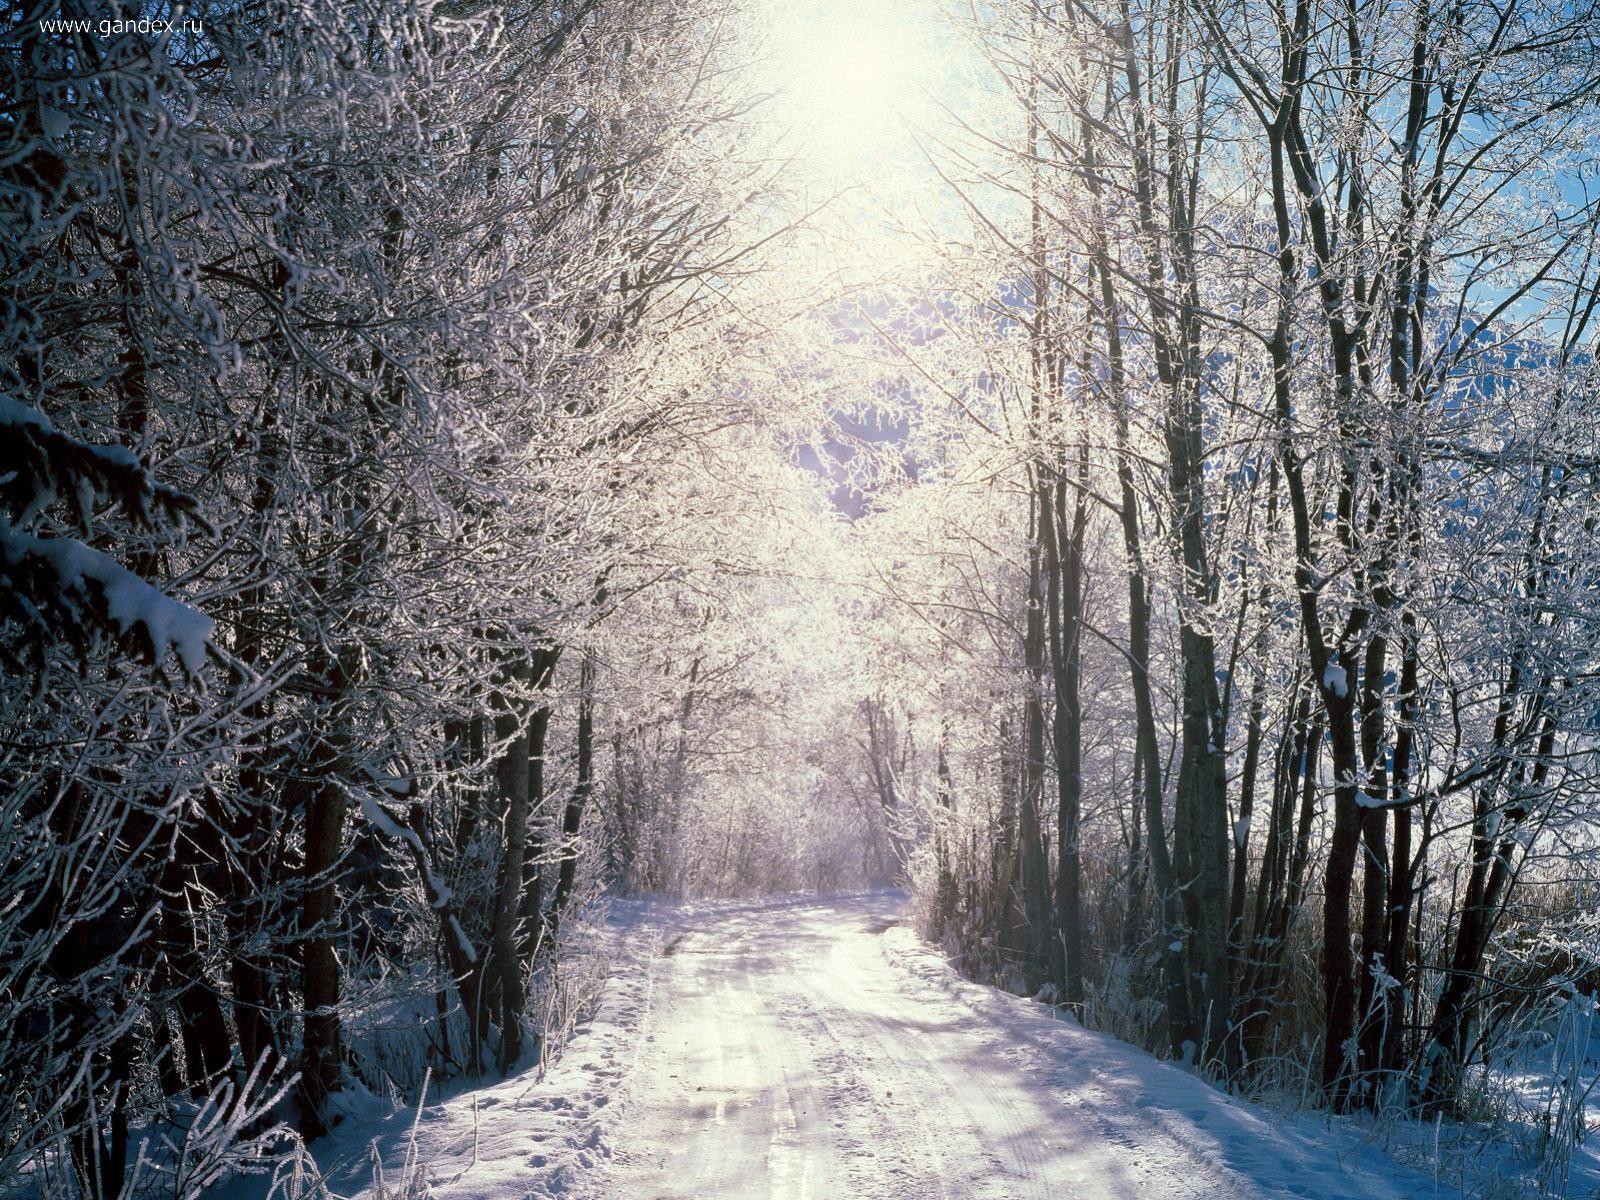 Зимний пейзаж свода деревьев